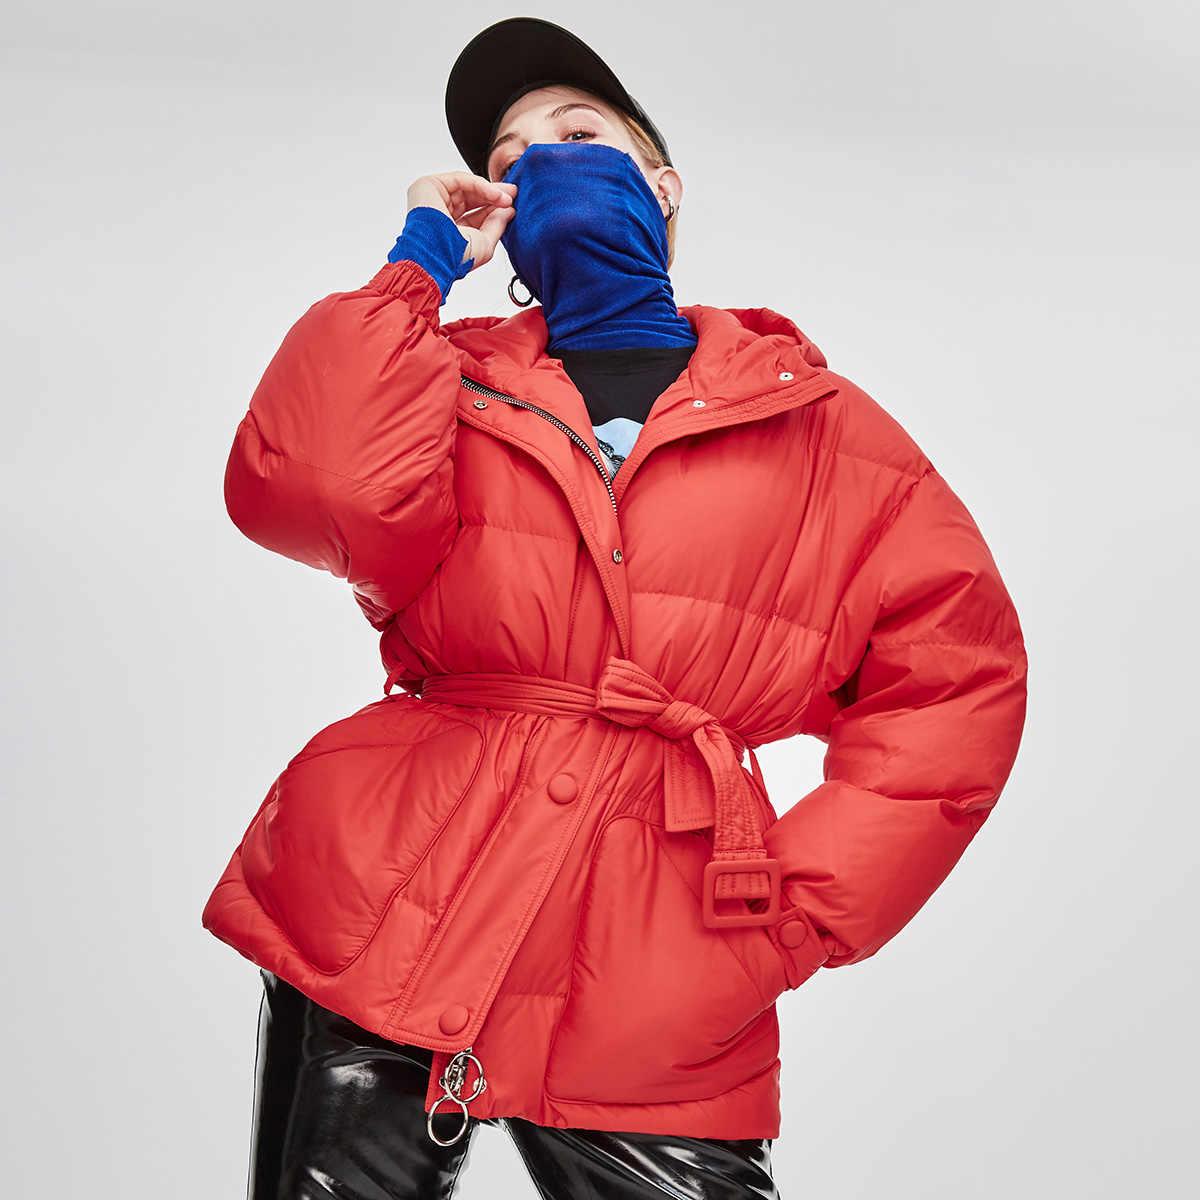 JAZZEVAR 2019 冬の新ファッションストリートデザイナーブランドレディース 90% アヒルダウンジャケットプリティガールズベルト z18004 とコートを上着